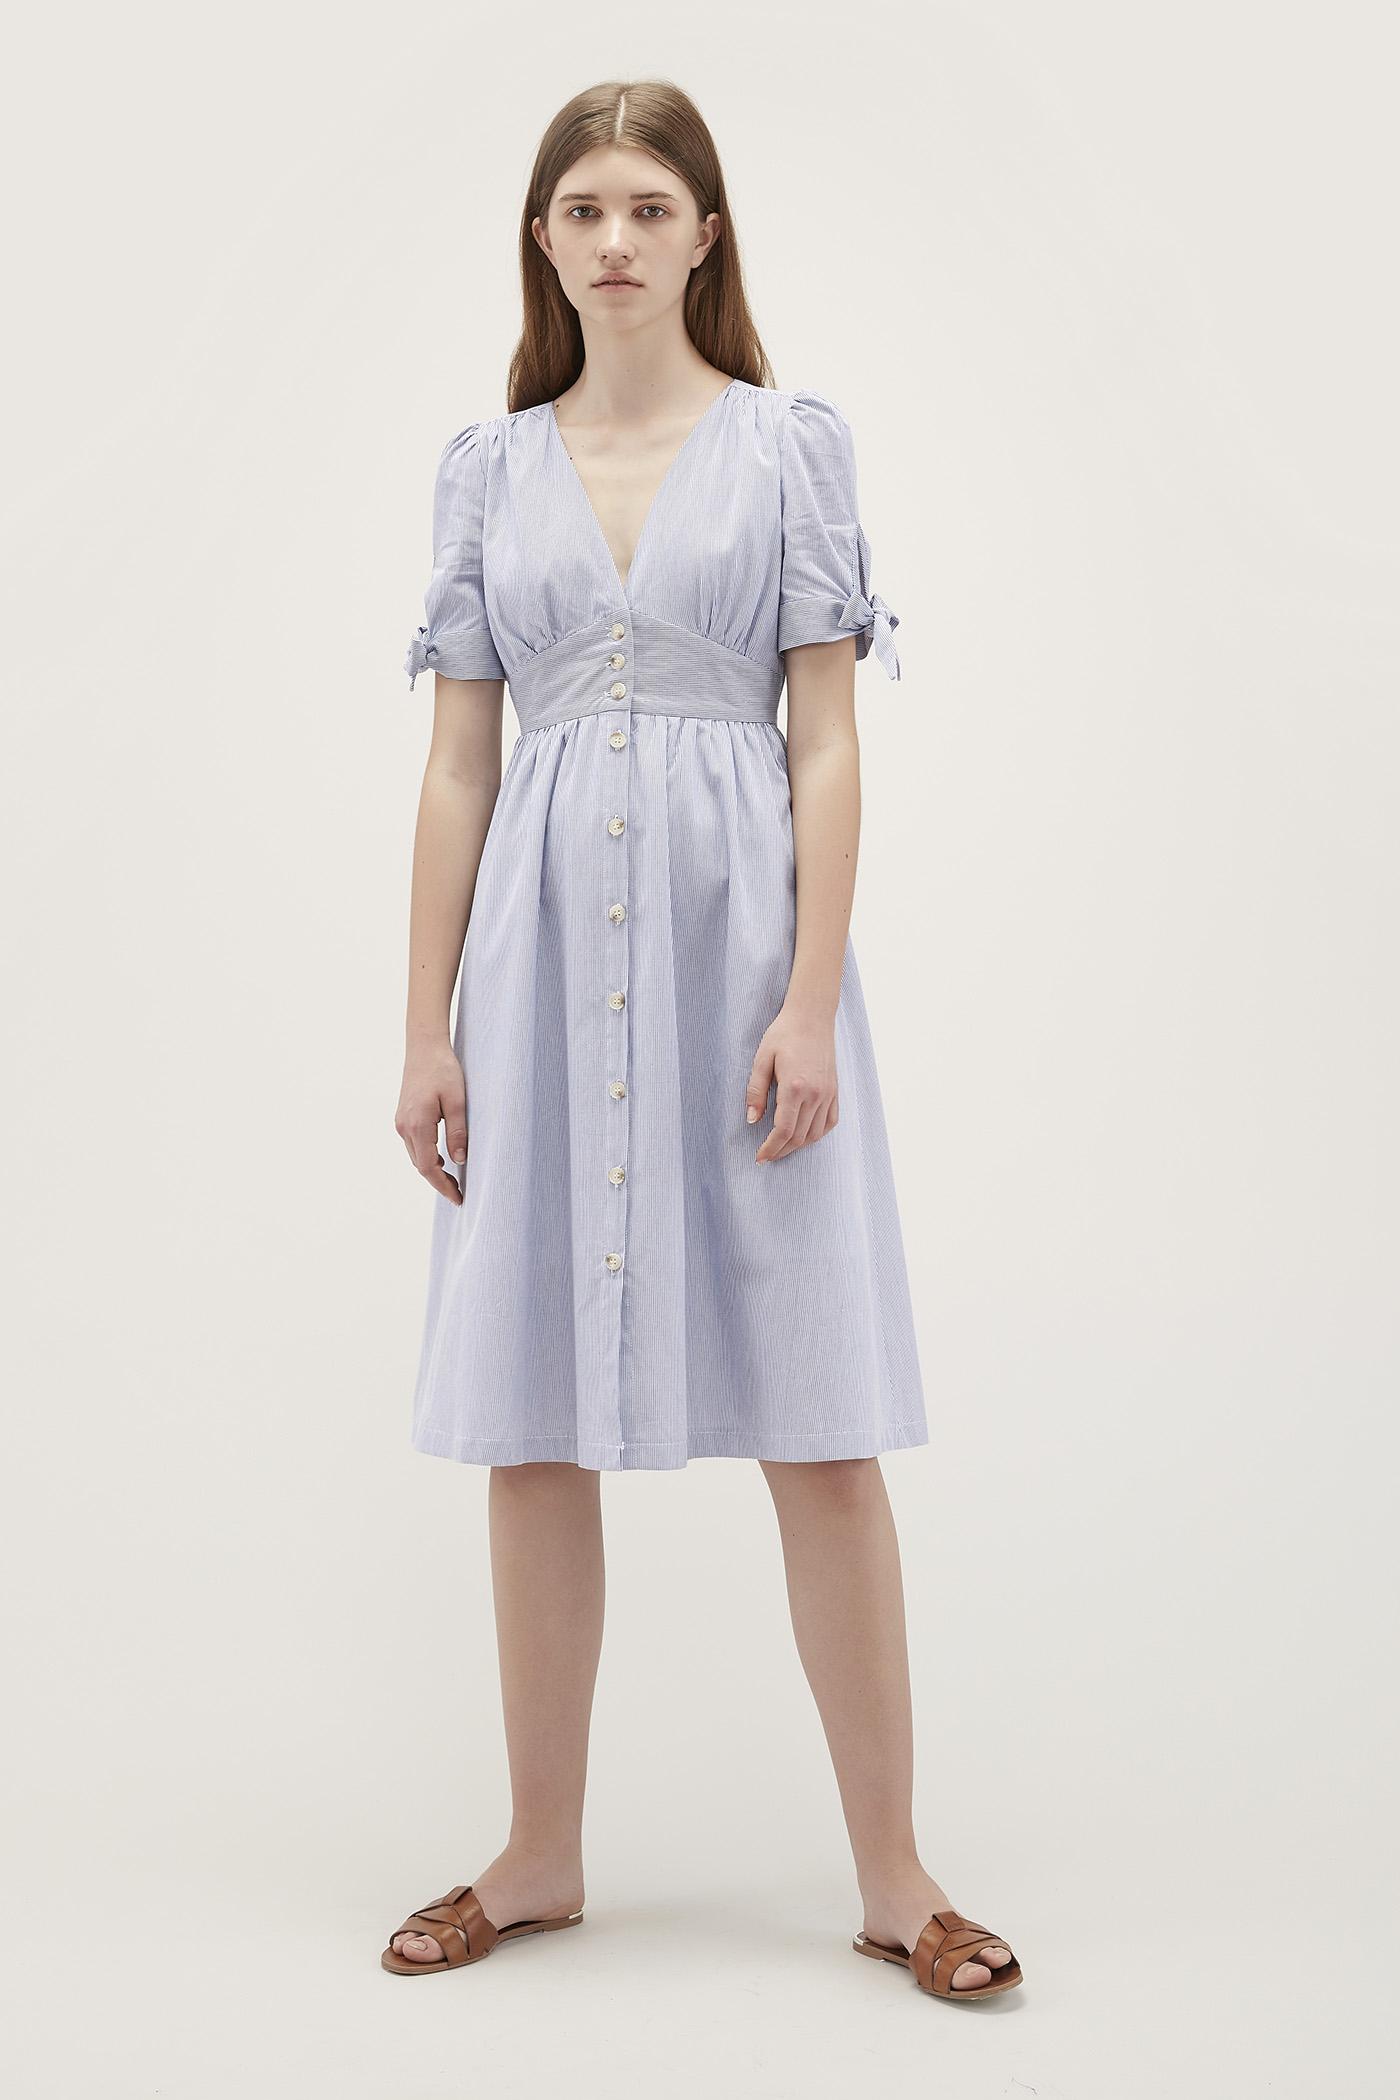 Myla Tie-Sleeve Dress